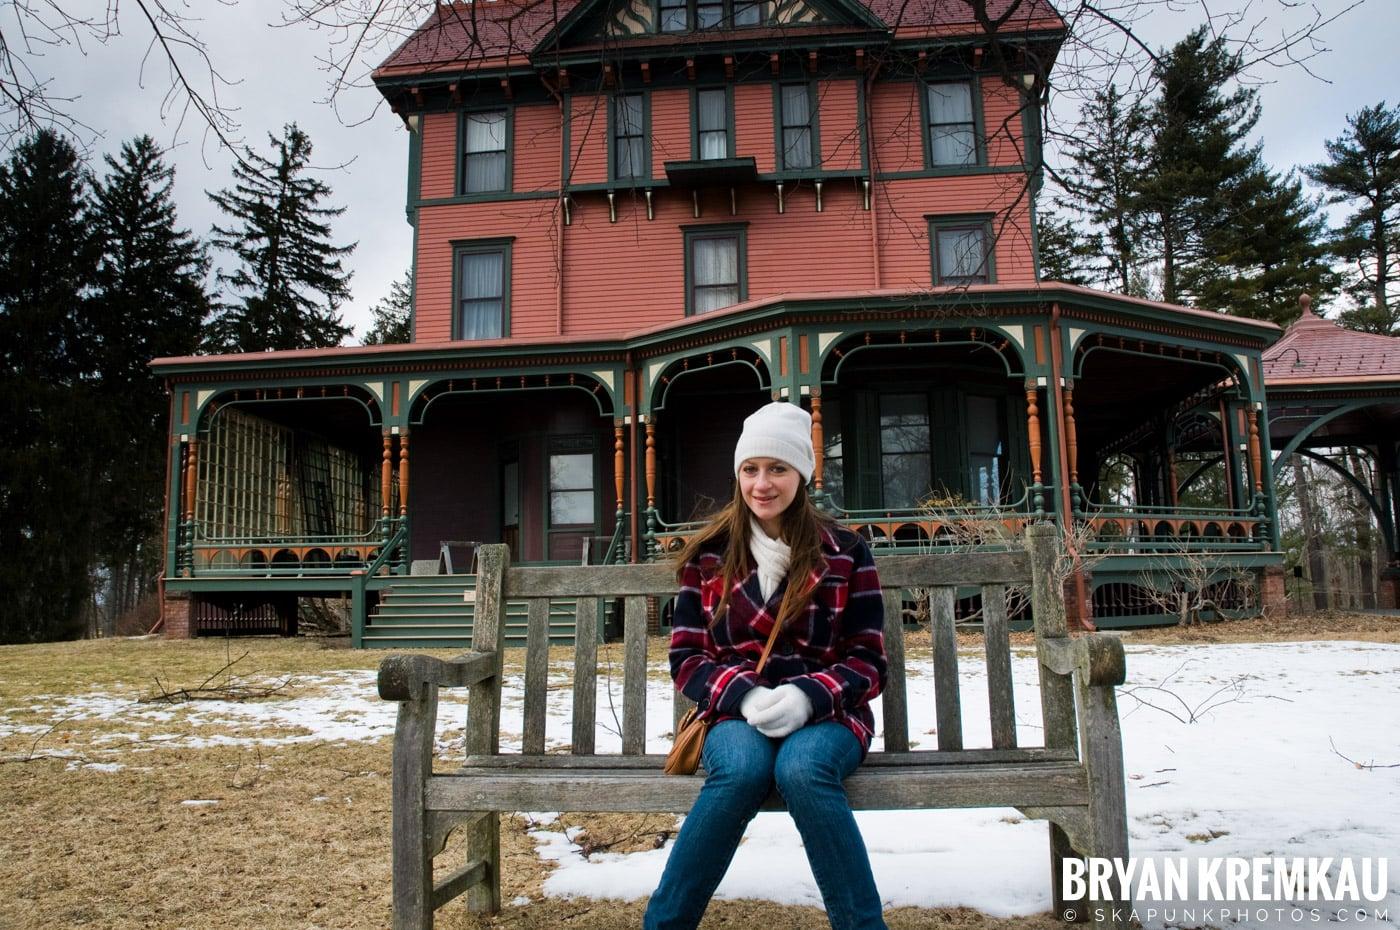 Valentine's Day Trip @ Rhinebeck, FDR's Home, Vanderbilt, Wilderstein Historic Site, NY - 2.14.10 (40)